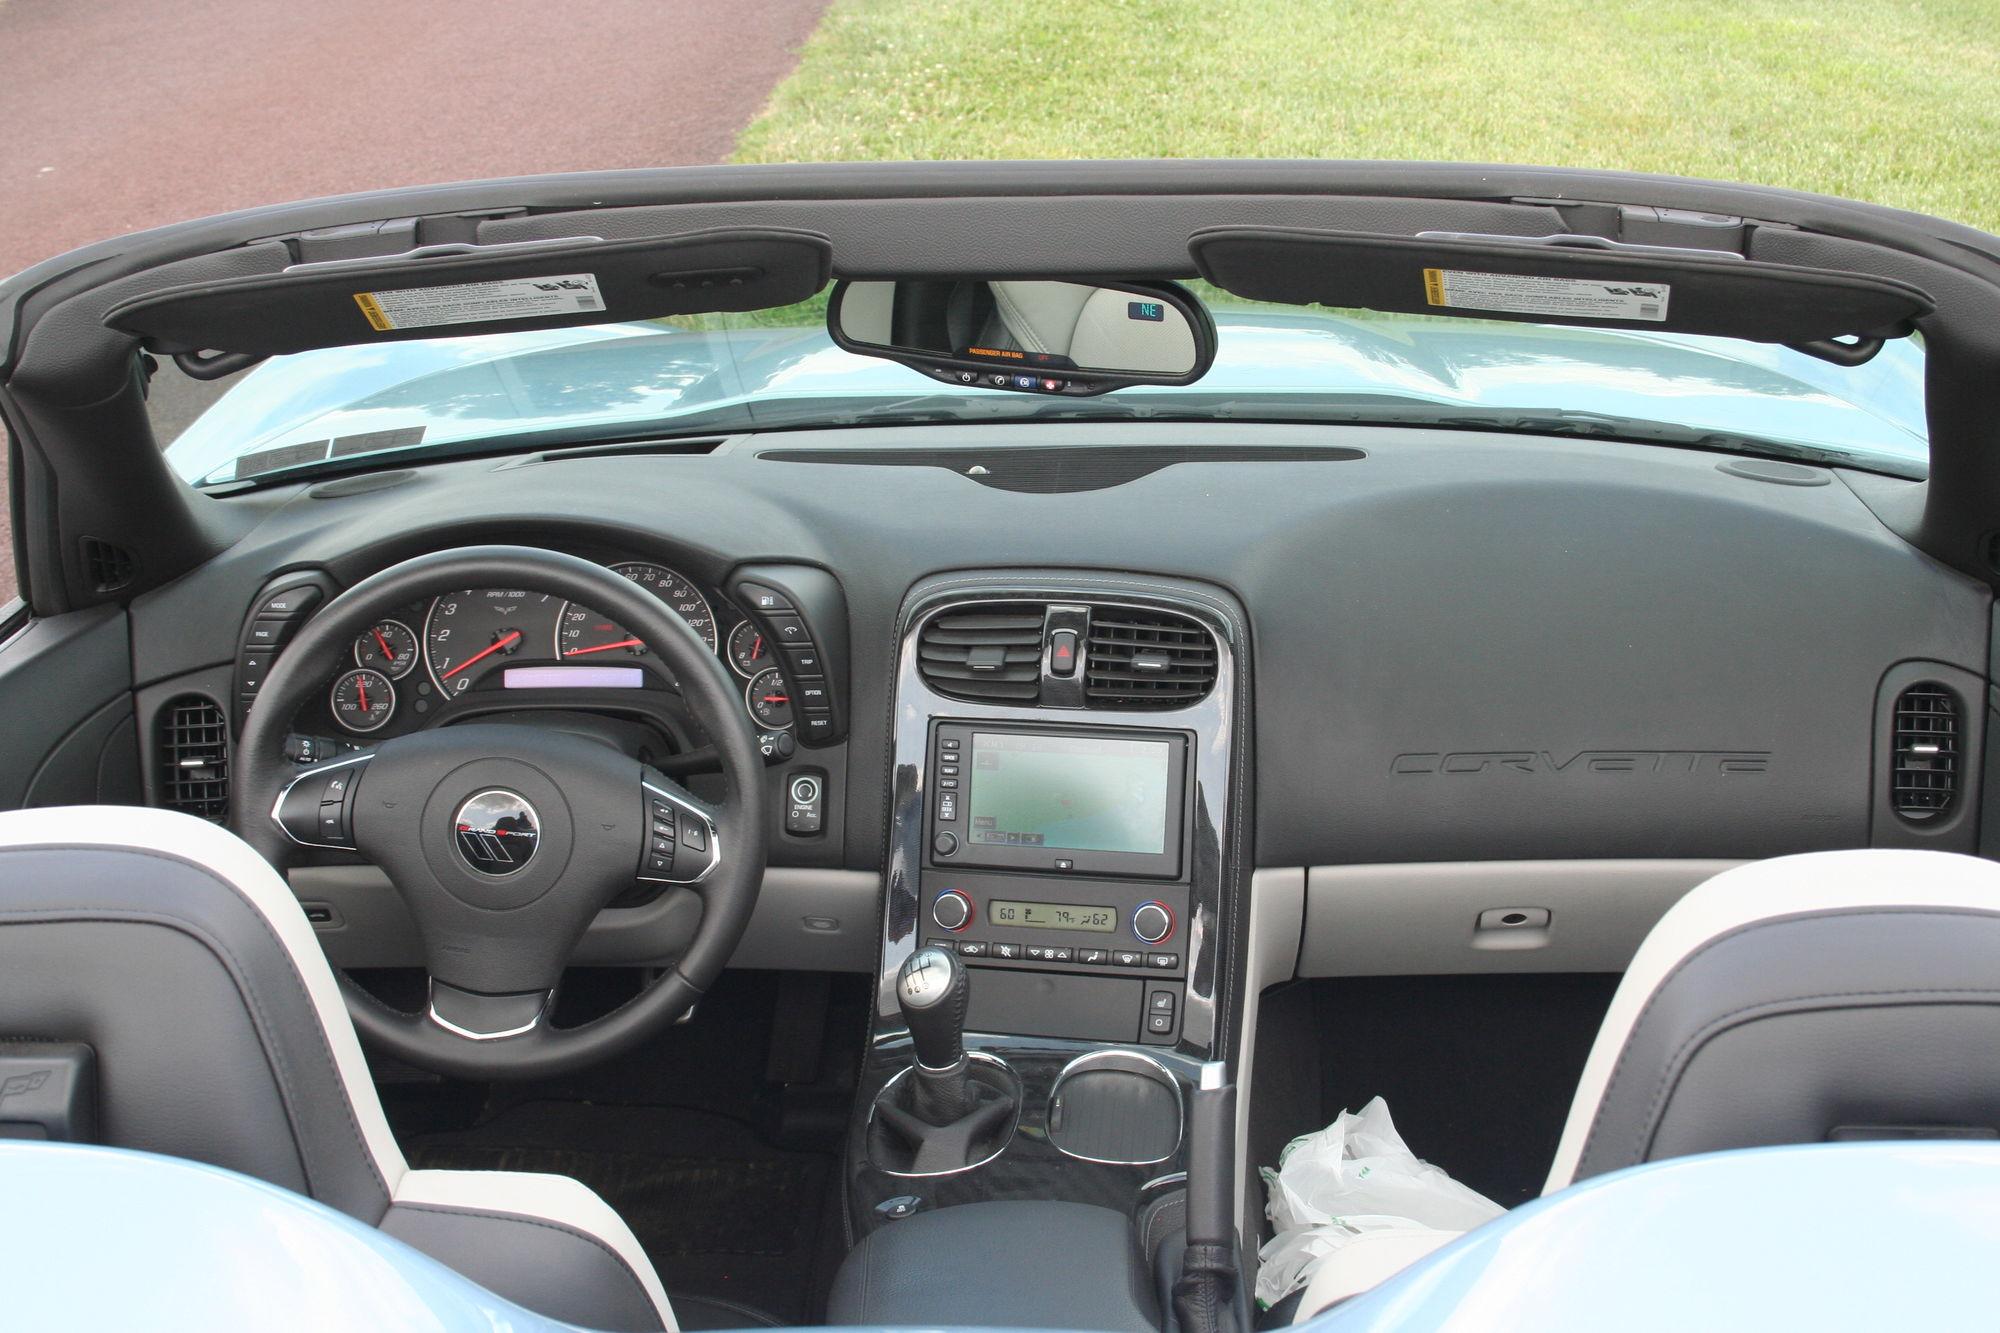 2005 Convert Corvette For Sale Html Autos Weblog